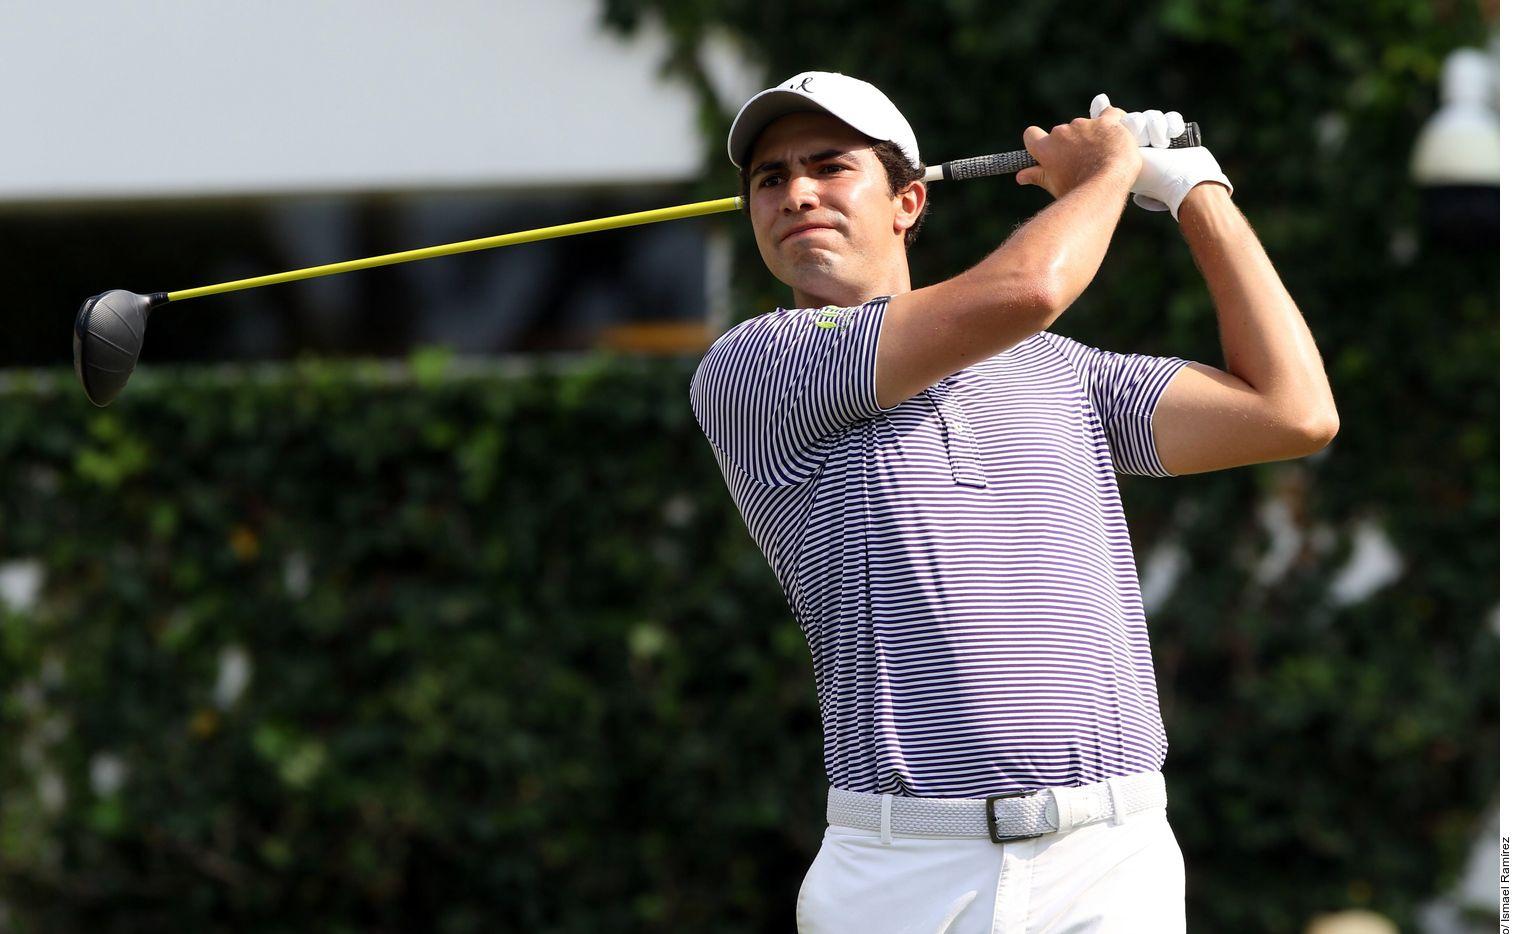 Álvaro Ortiz participará del campeonato de la PGA, Byron Nelson, en mayo en Dallas.  Foto Agencia Reforma